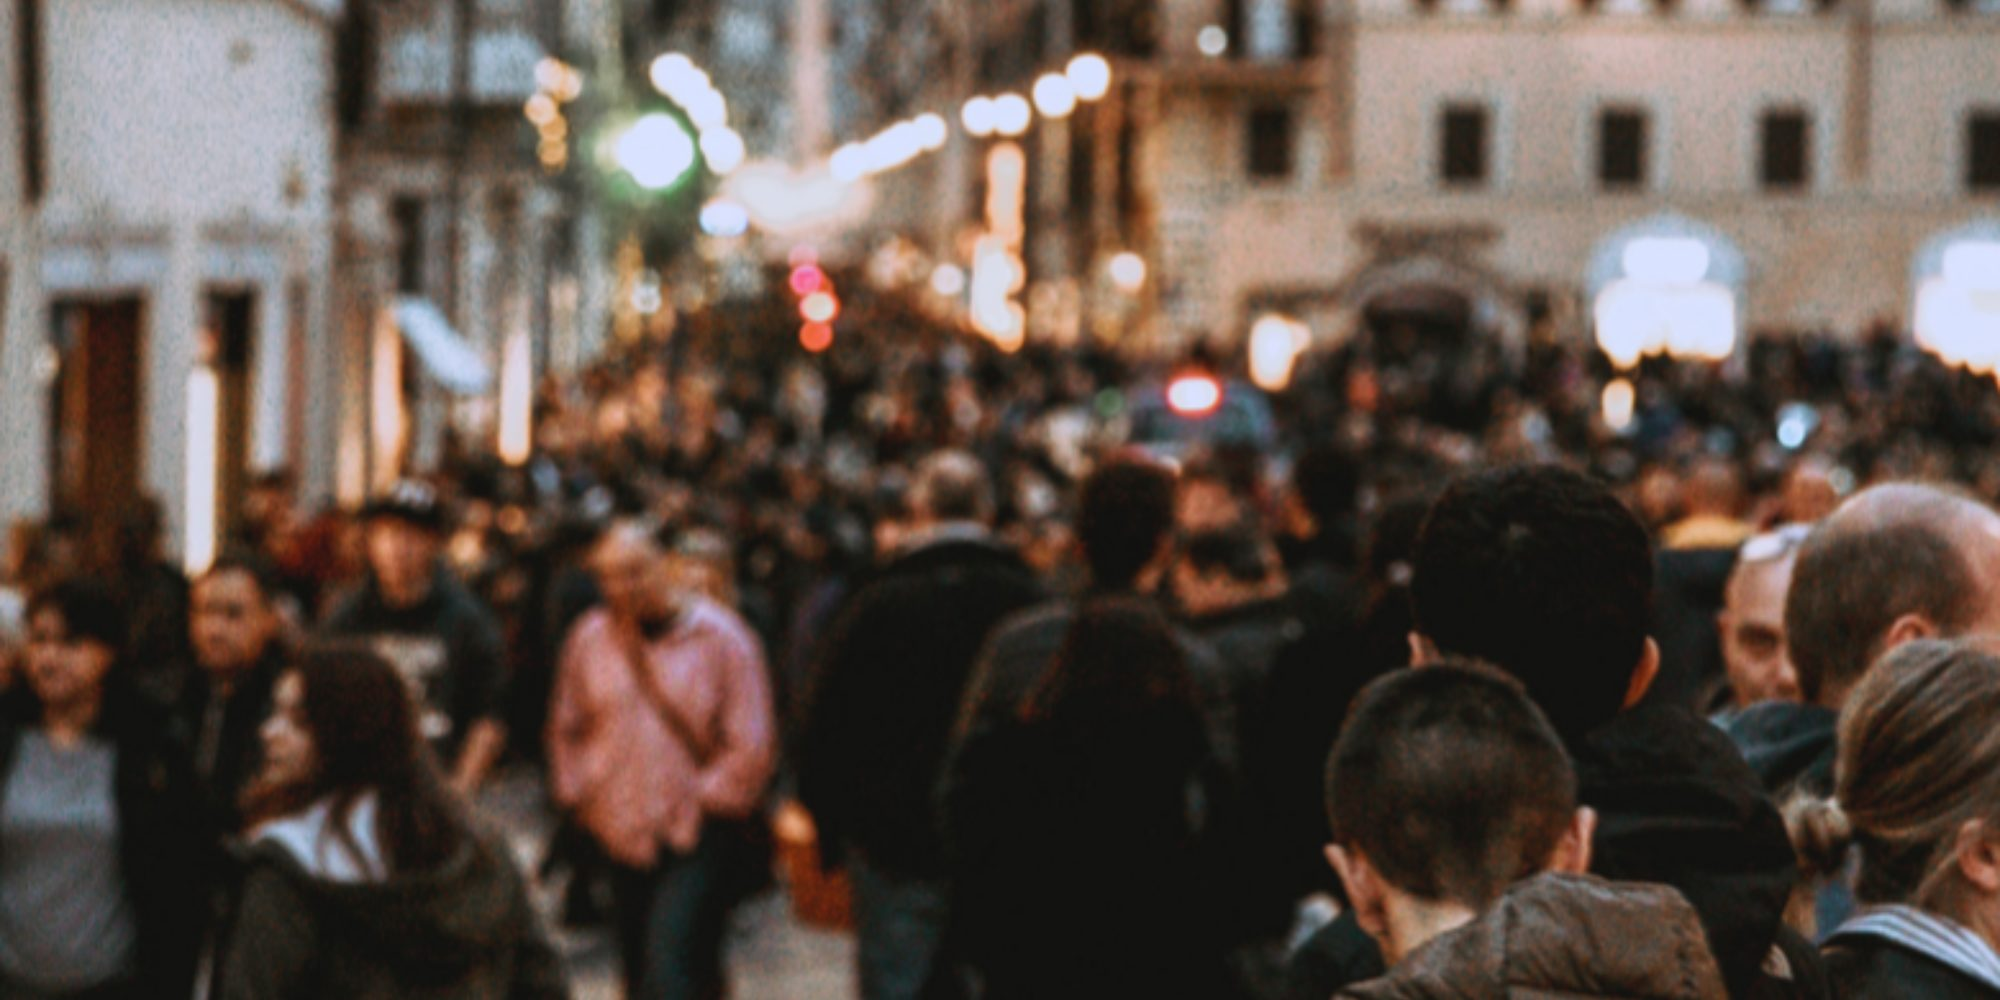 Le Cité-ID donné en exemple dans le guide « A Practitioner's Guide to Measurement Challenges and Opportunities » du réseau 100 Resilient Cities